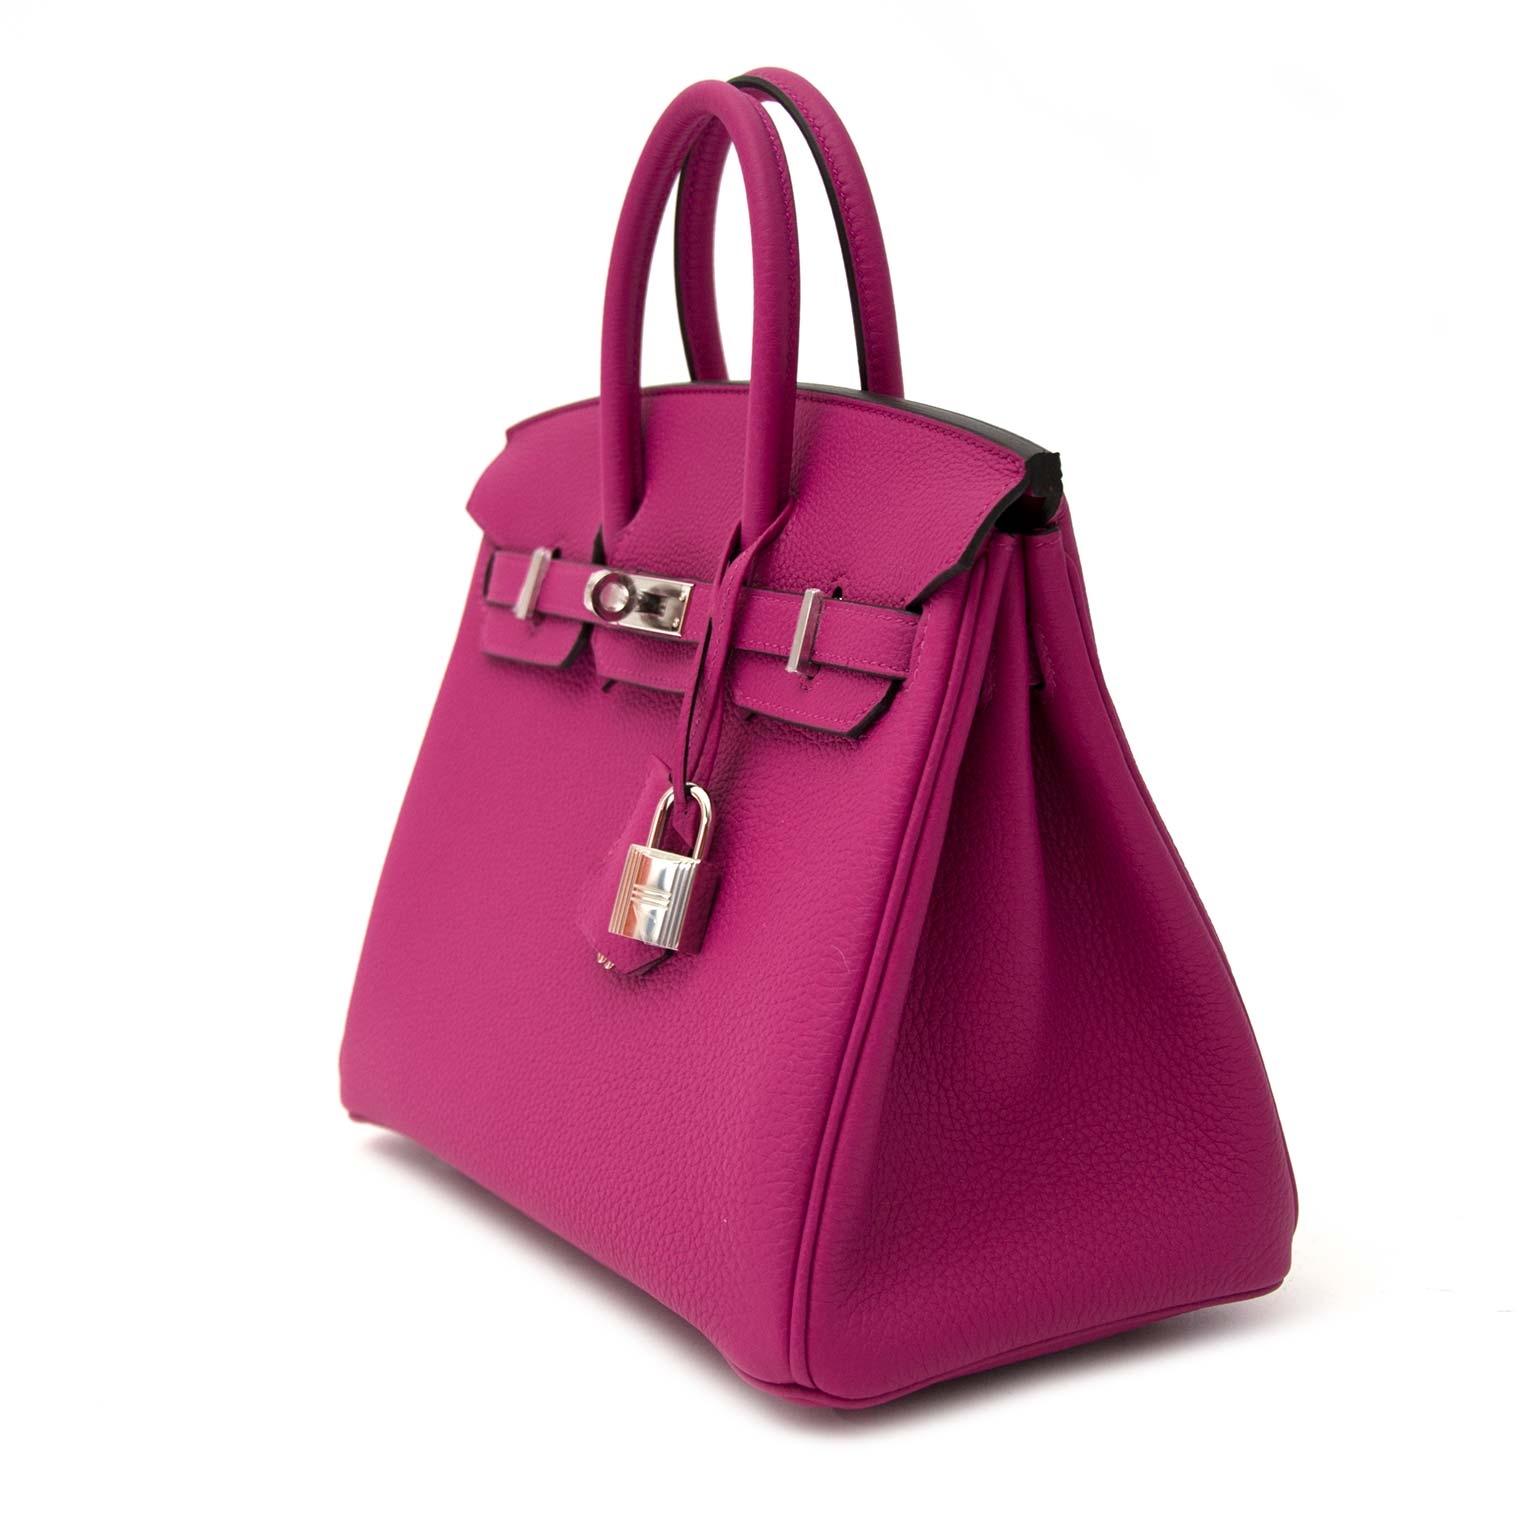 acheter en ligne pour le meilleur prix * Never Used *  Hermès Birkin 25 Rose Pourpre PHW